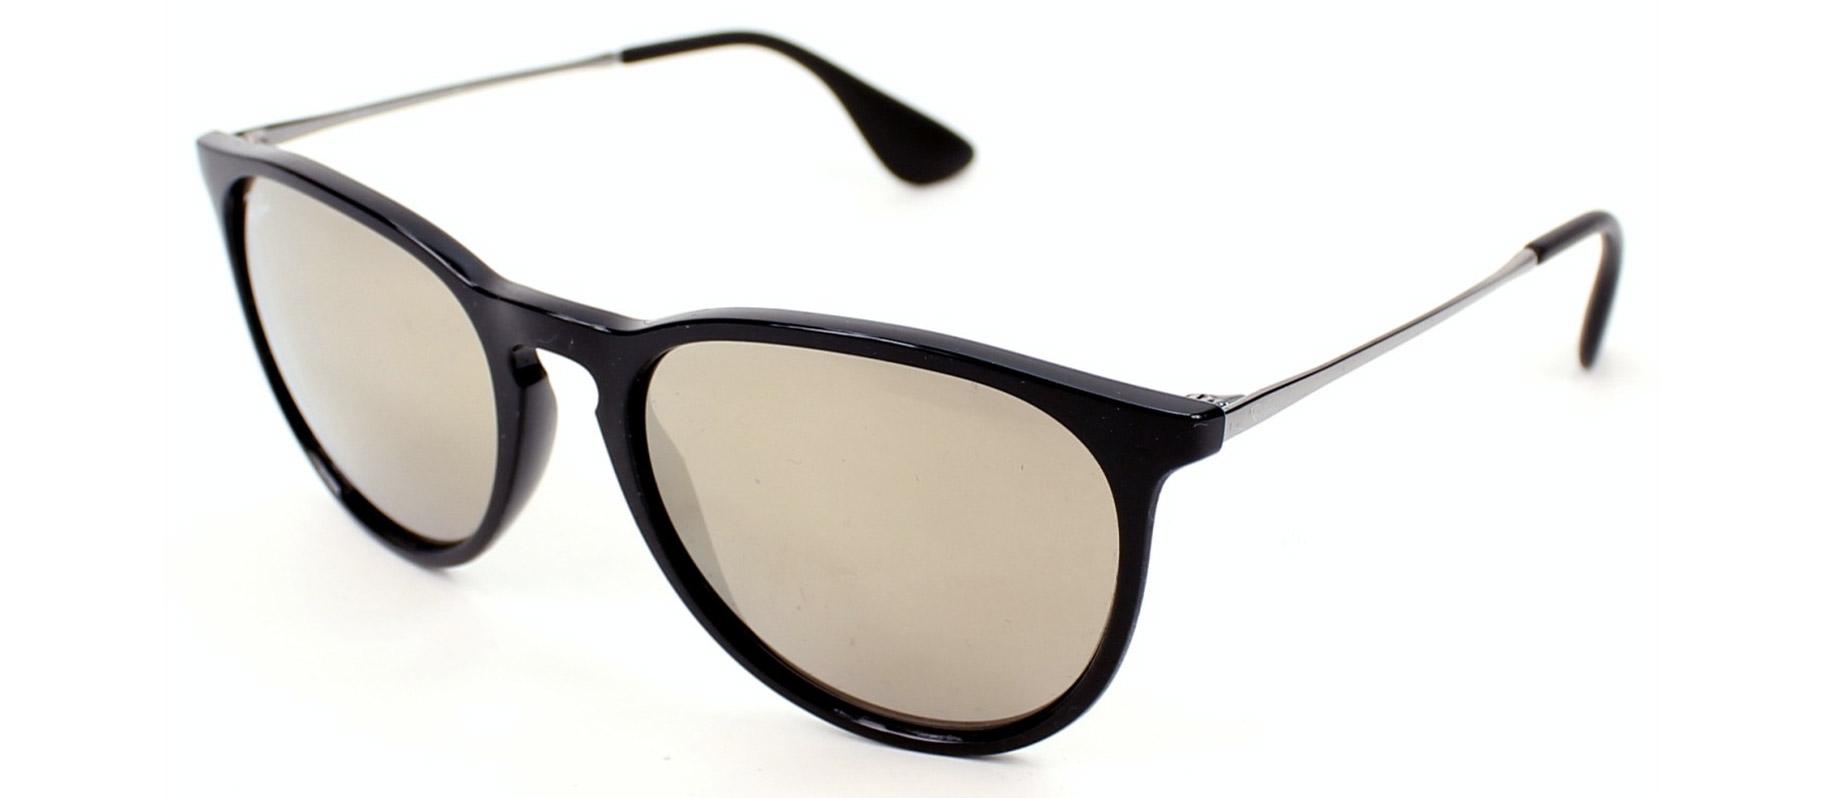 occhiali da sole ray ban 4171 ottico ticino lugano